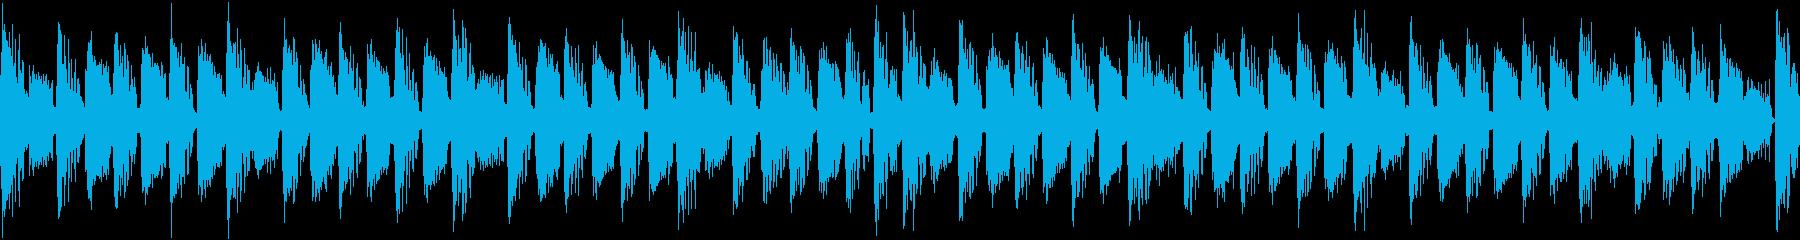 躍動的で流麗な高速ループジングルの再生済みの波形